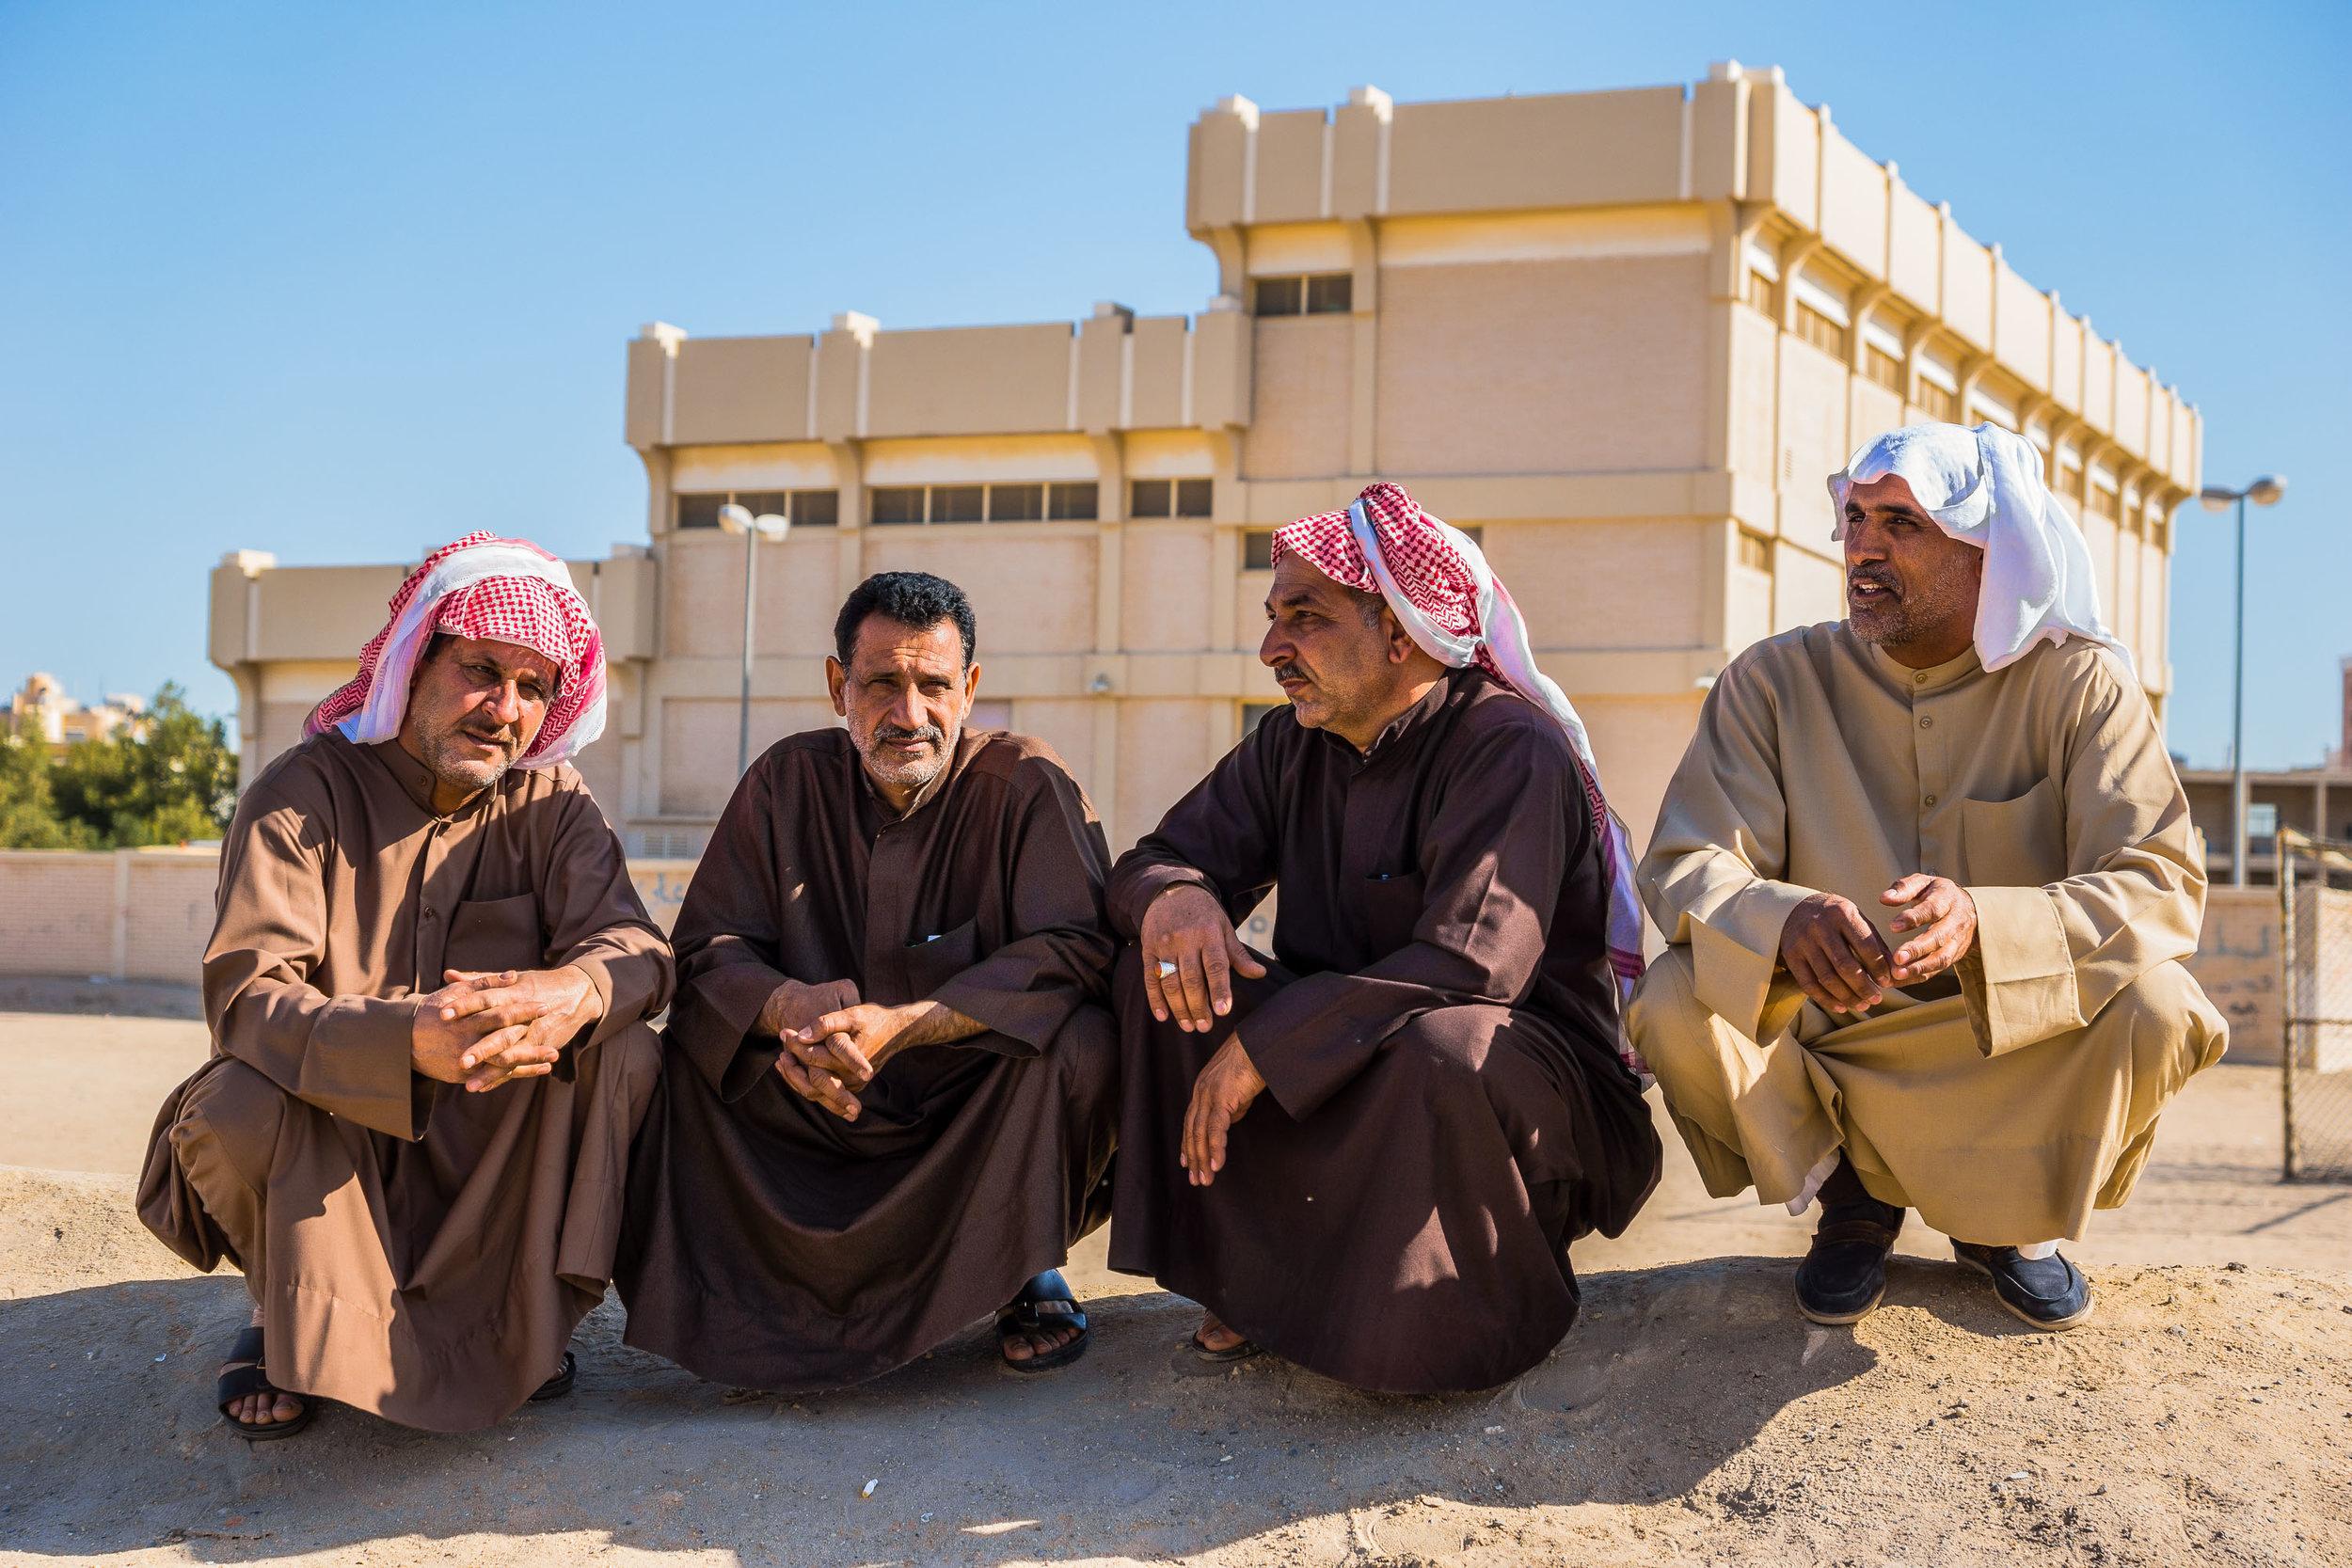 Men sit on the roadside in the winters sun. Kuwait, 2016